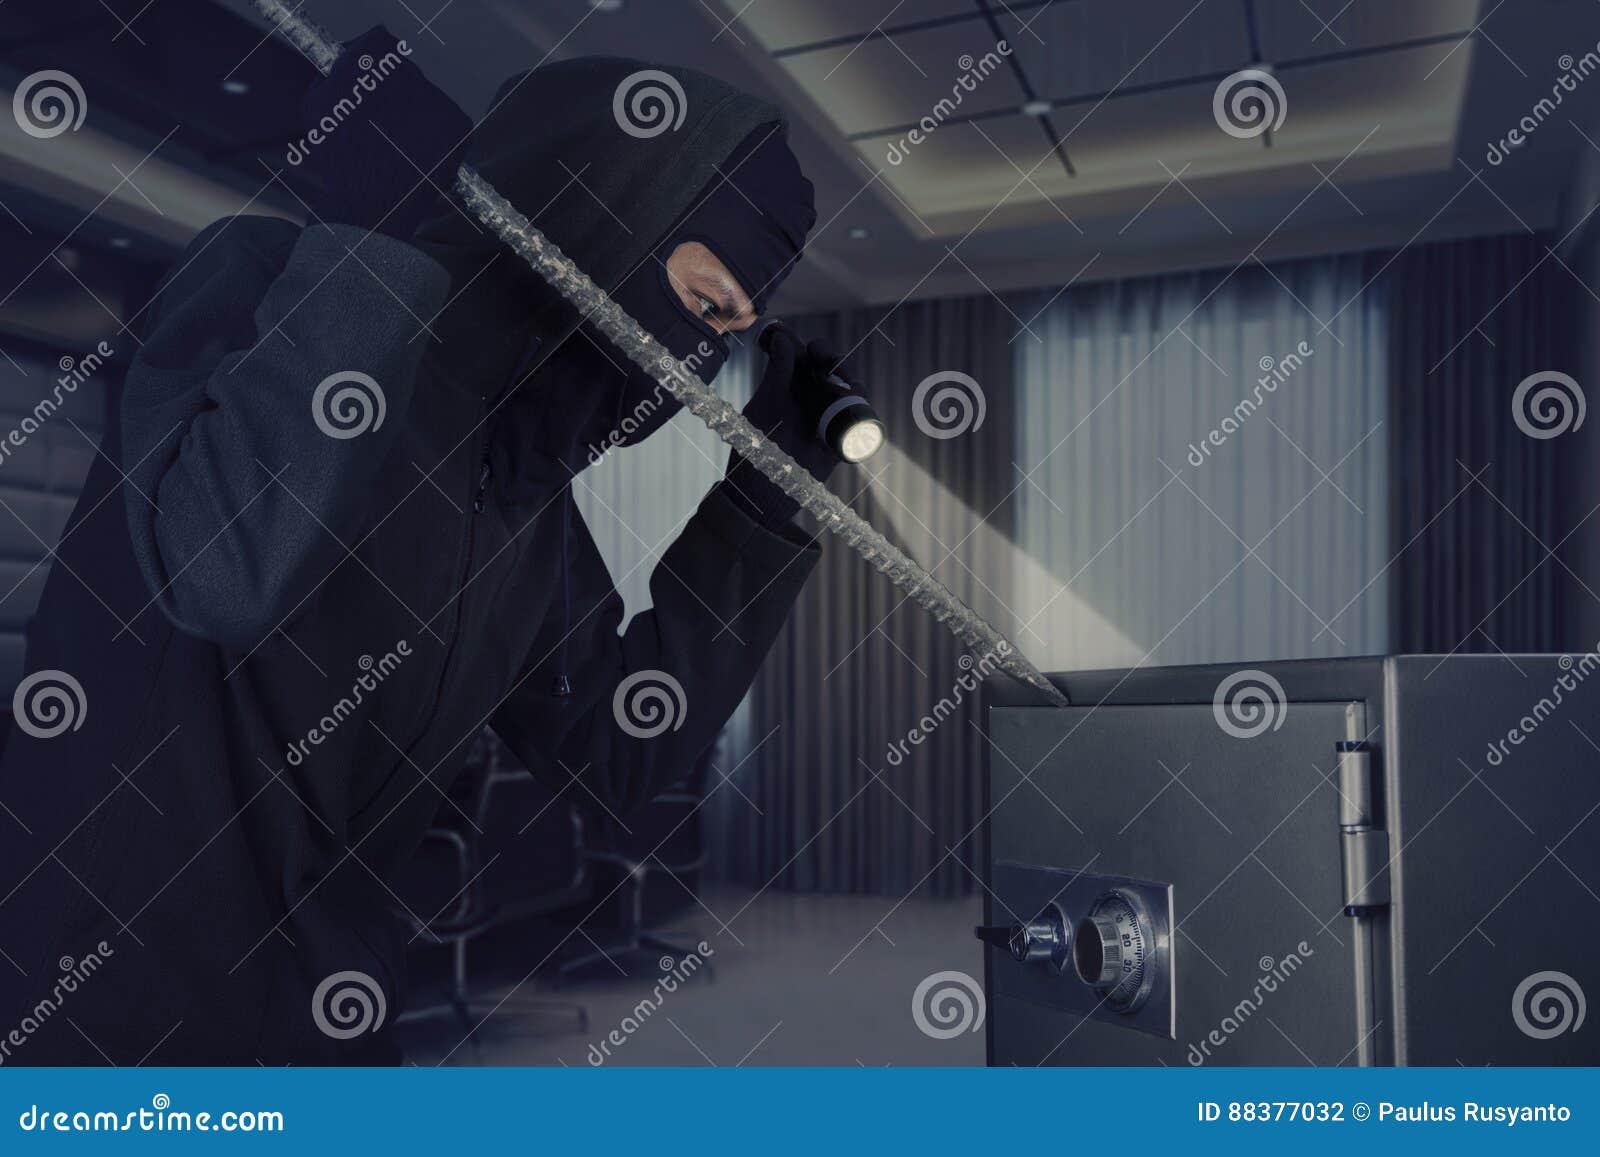 Włamywacz kraść bezpiecznego depozytowego pudełko